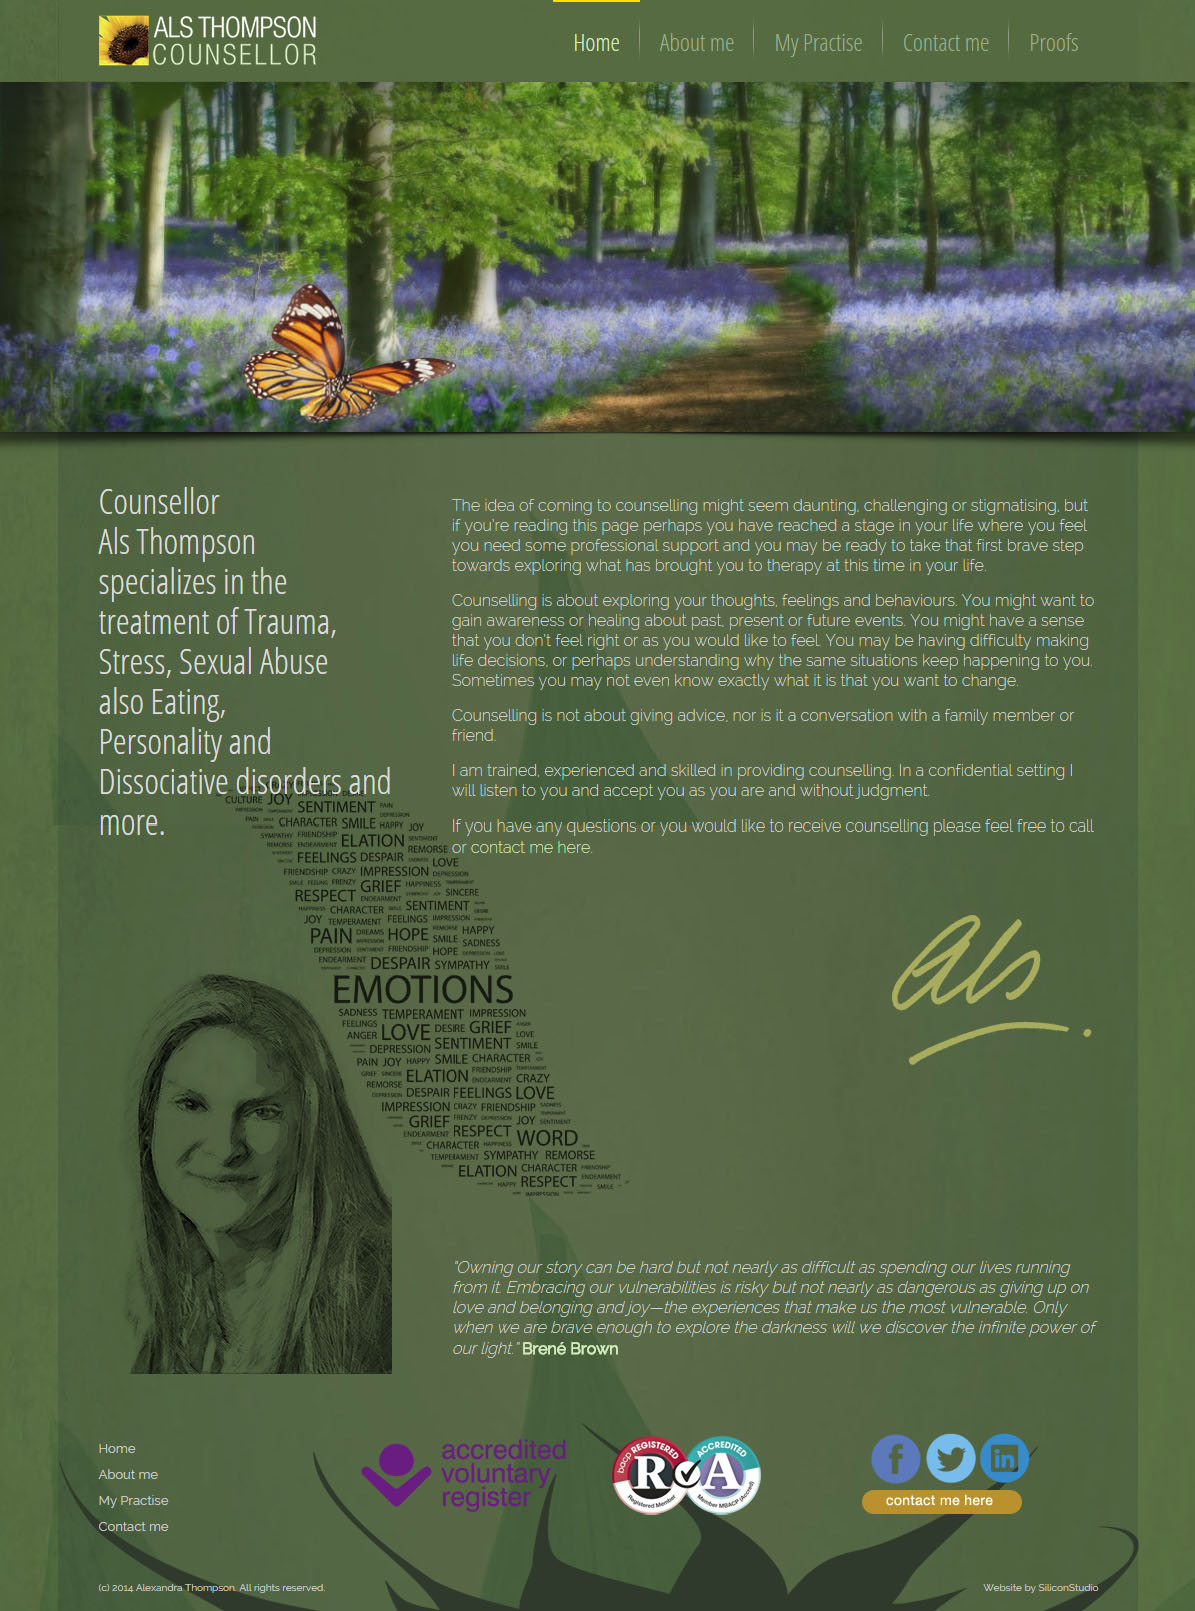 Als Thompson website design